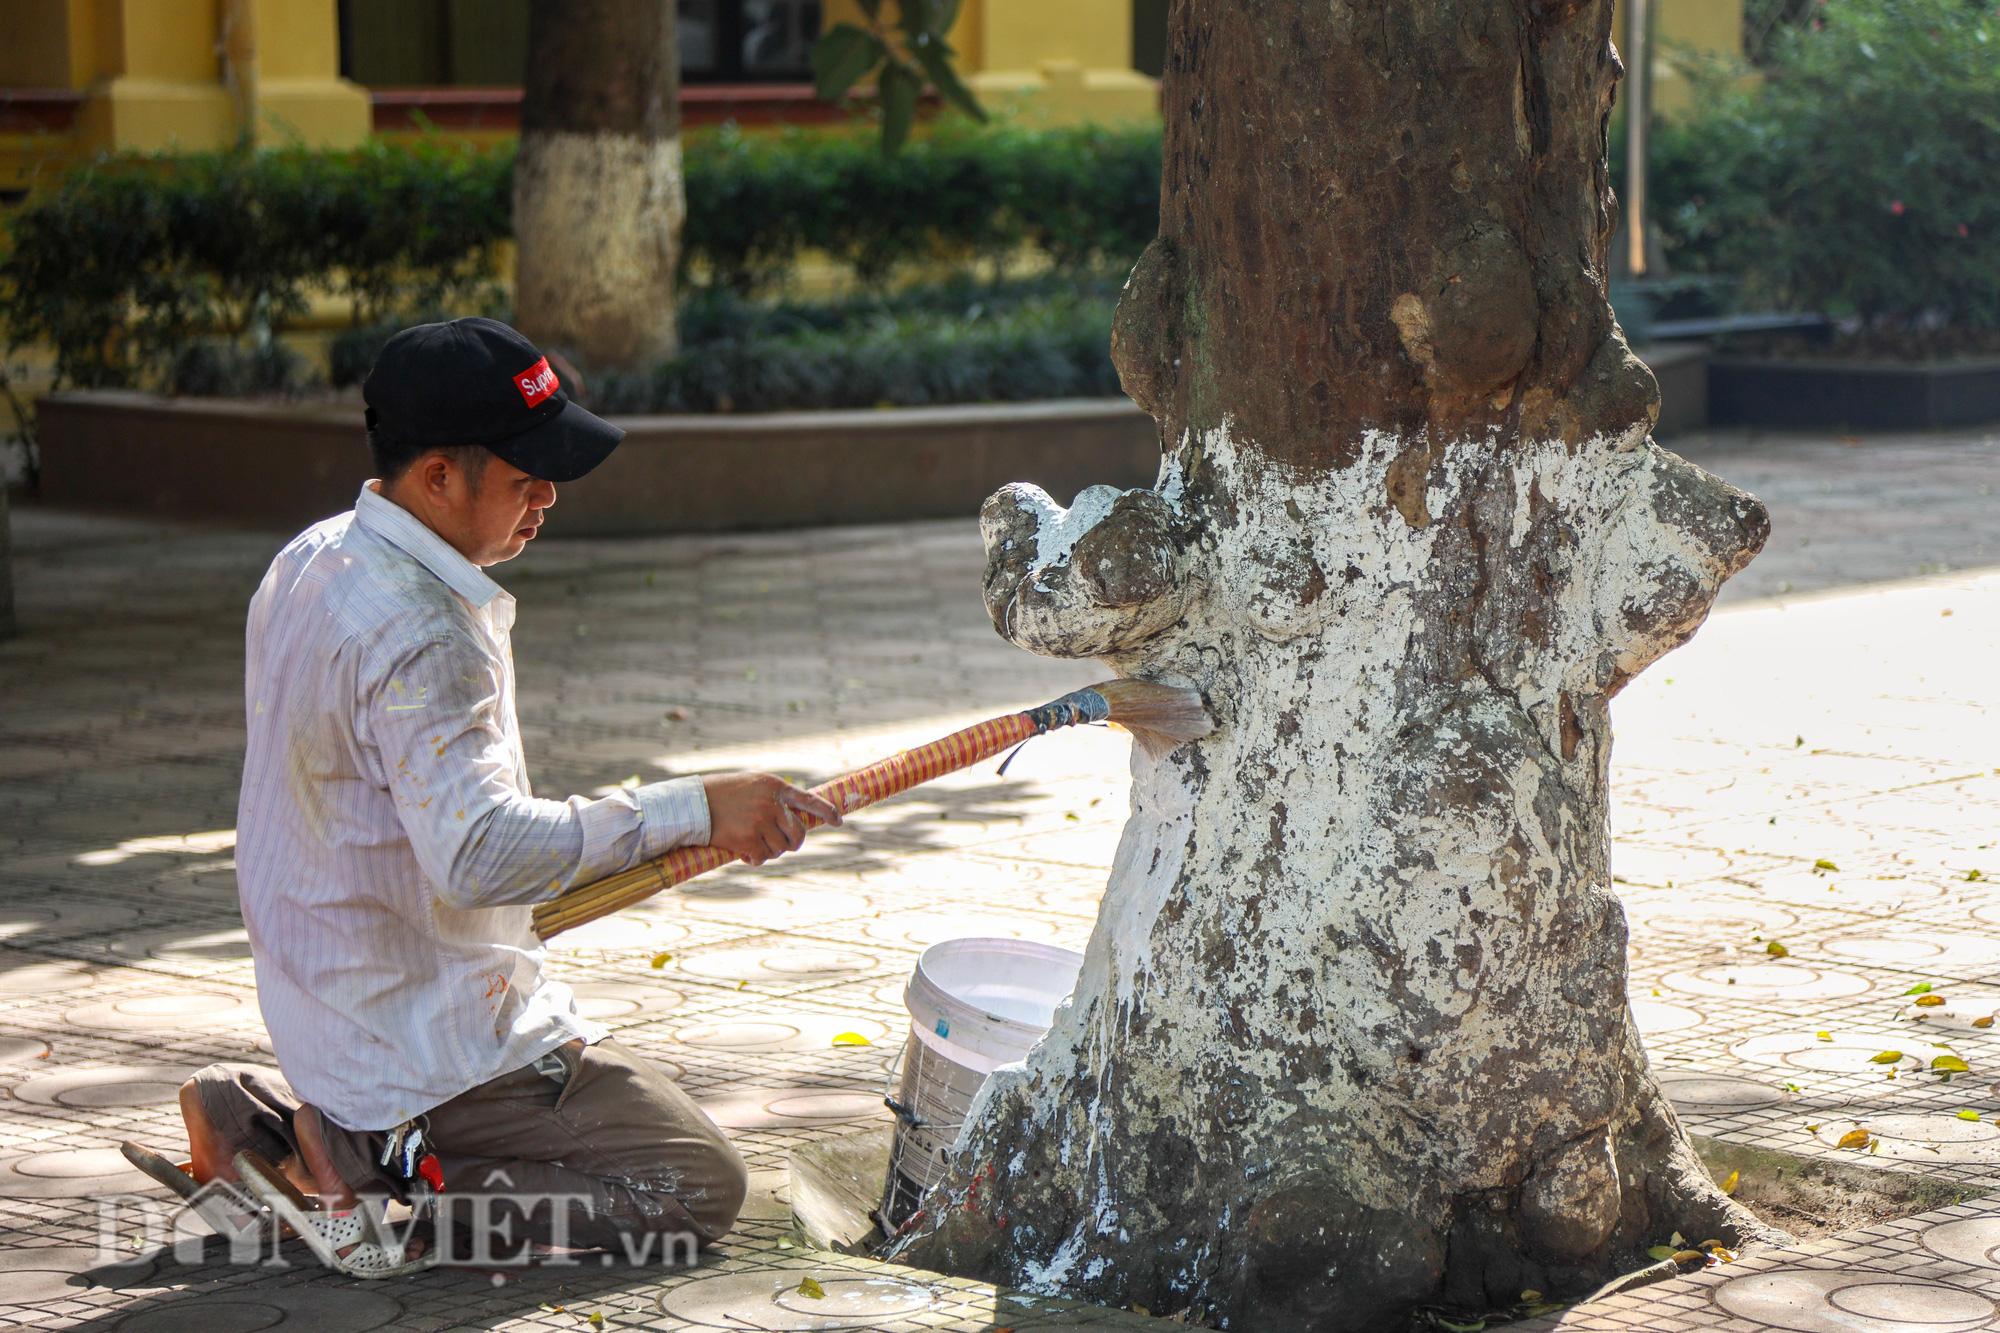 Học sinh Hà Nội không hề lo sợ dù ngồi giữa sân trường đầy cây cổ thụ - Ảnh 5.